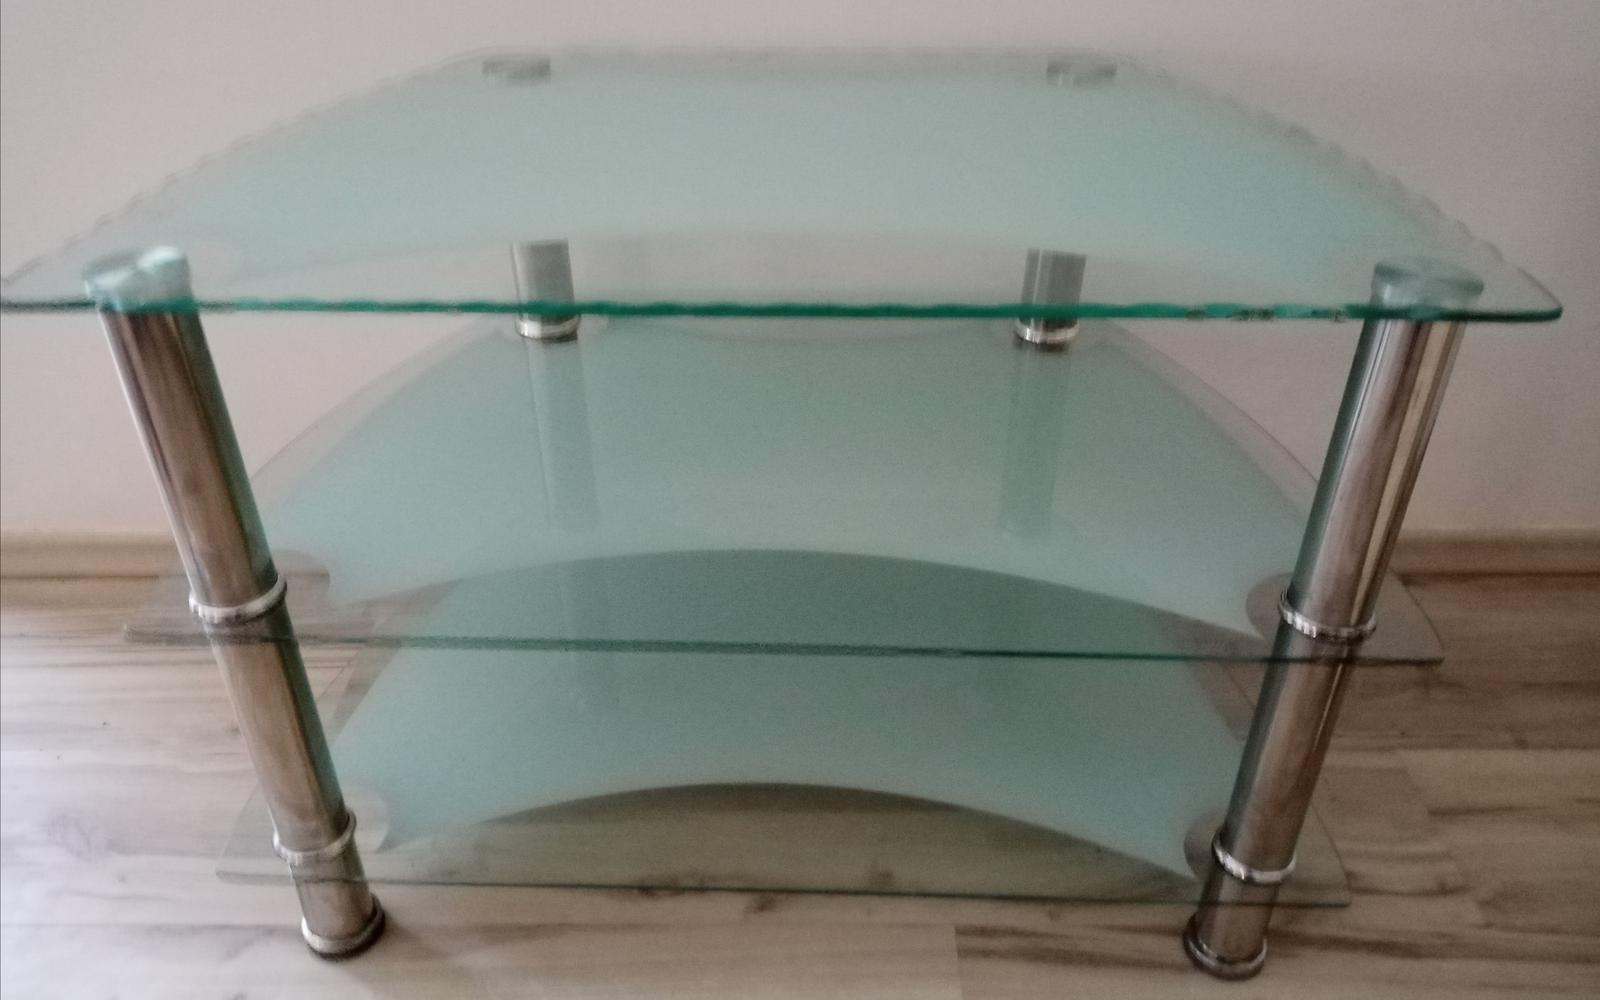 Sklenený stolík - Obrázok č. 1